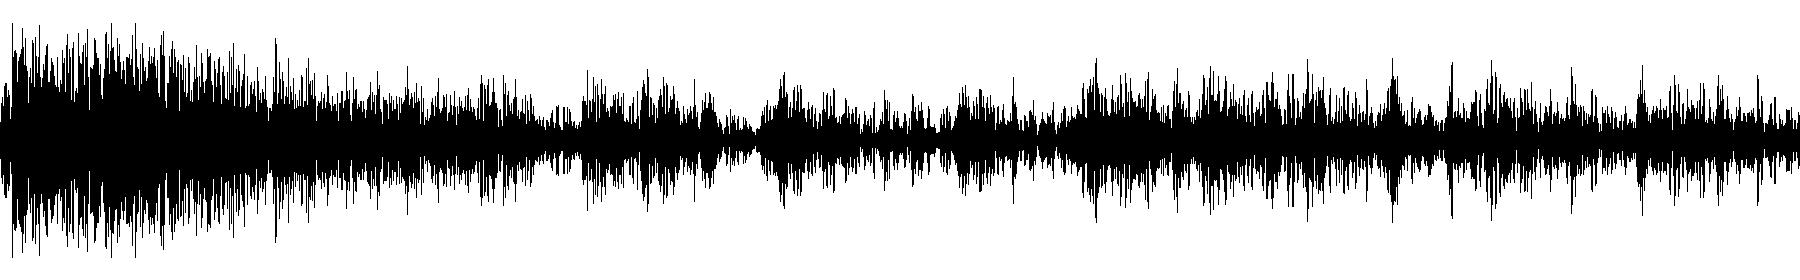 veh2 synths   147 c